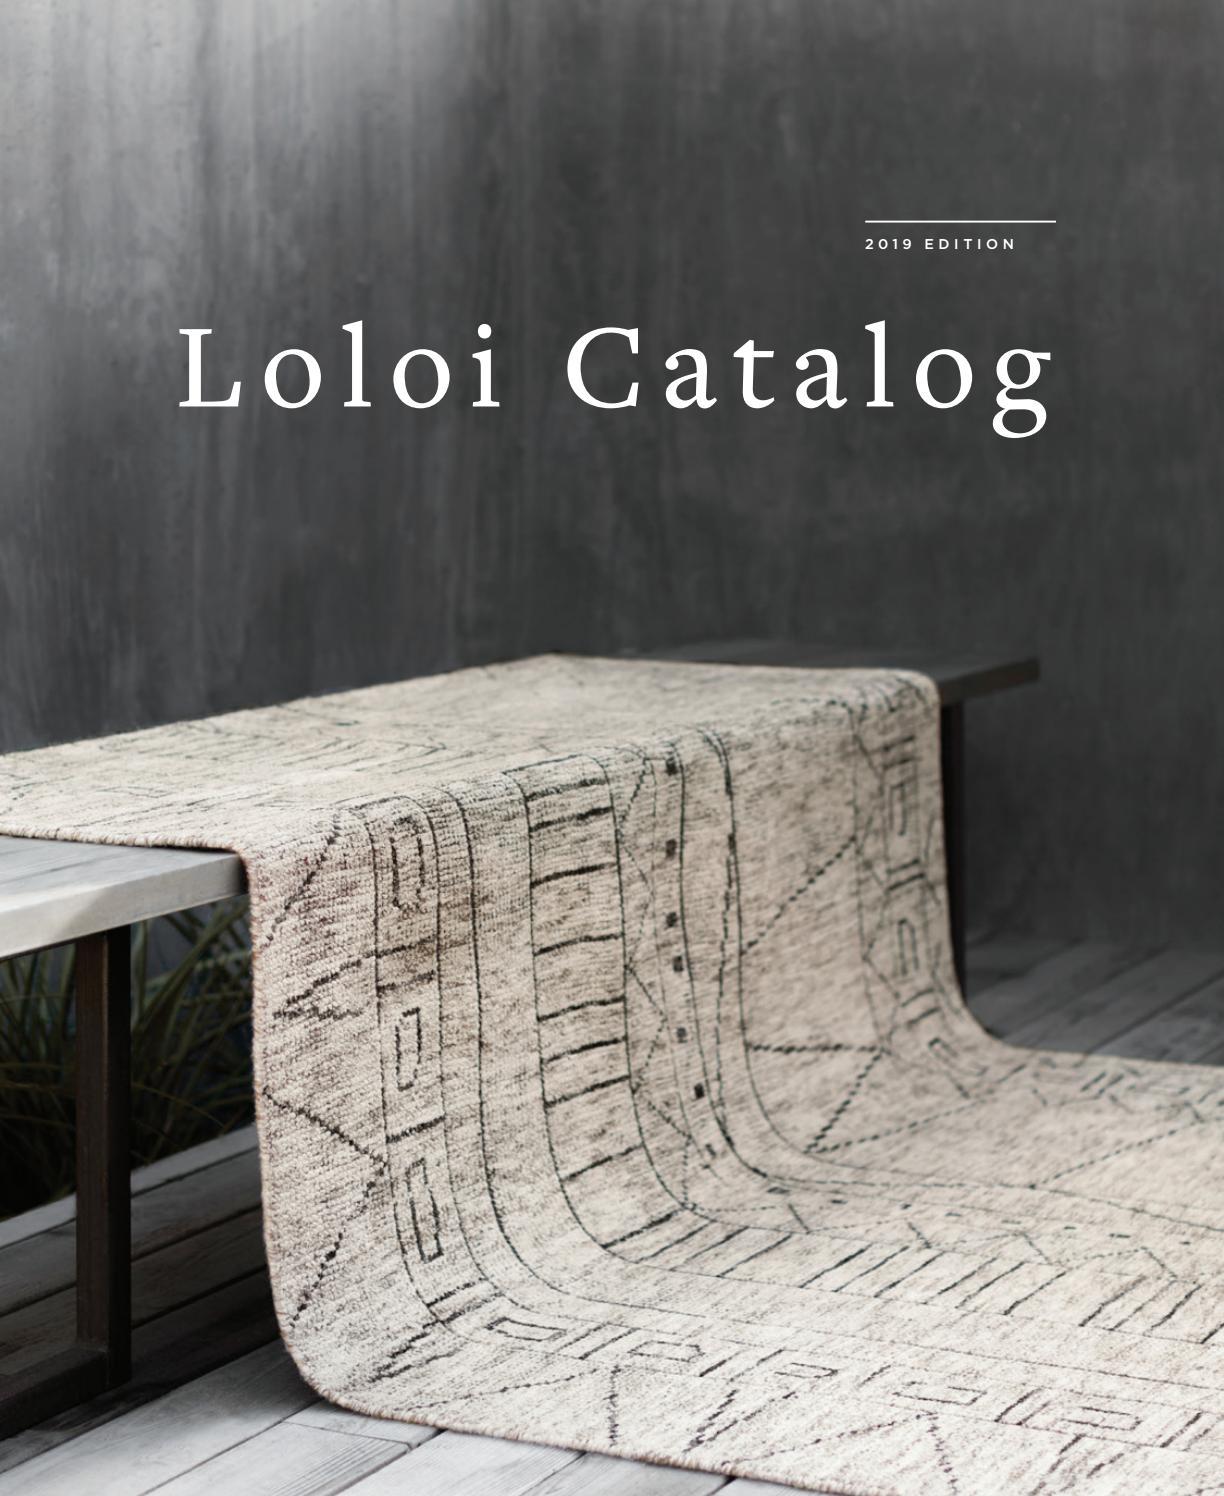 Loloi - Catalog 2019 by Loloi - issuu